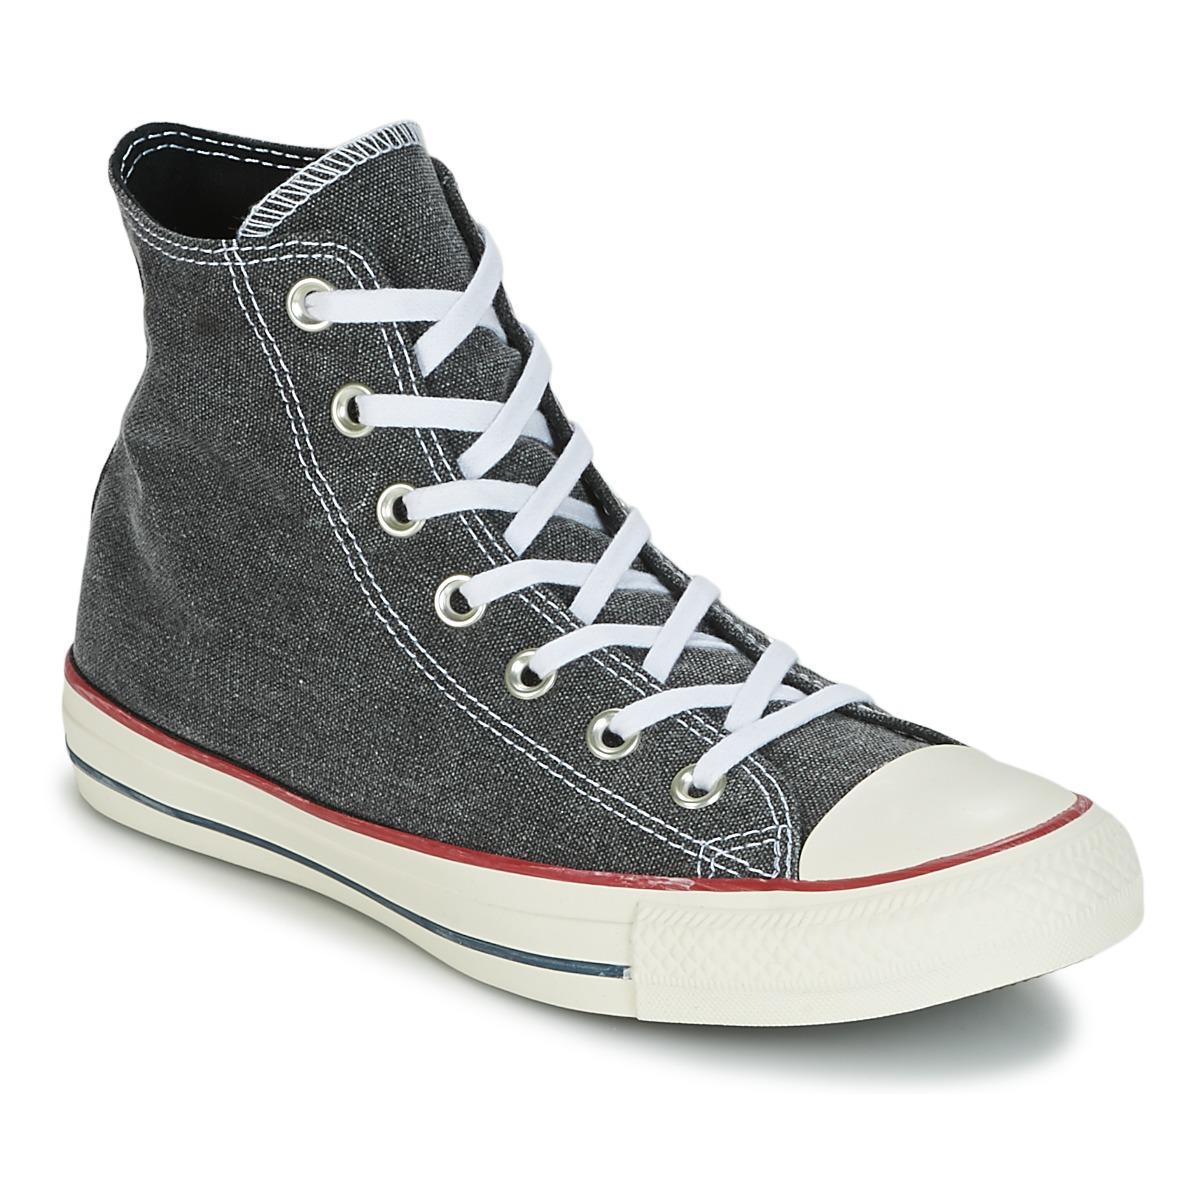 985bf22c186b7 Lyst - CHUCK TAYLOR ALL STAR HI STONE WASH femmes Chaussures en Gris ...